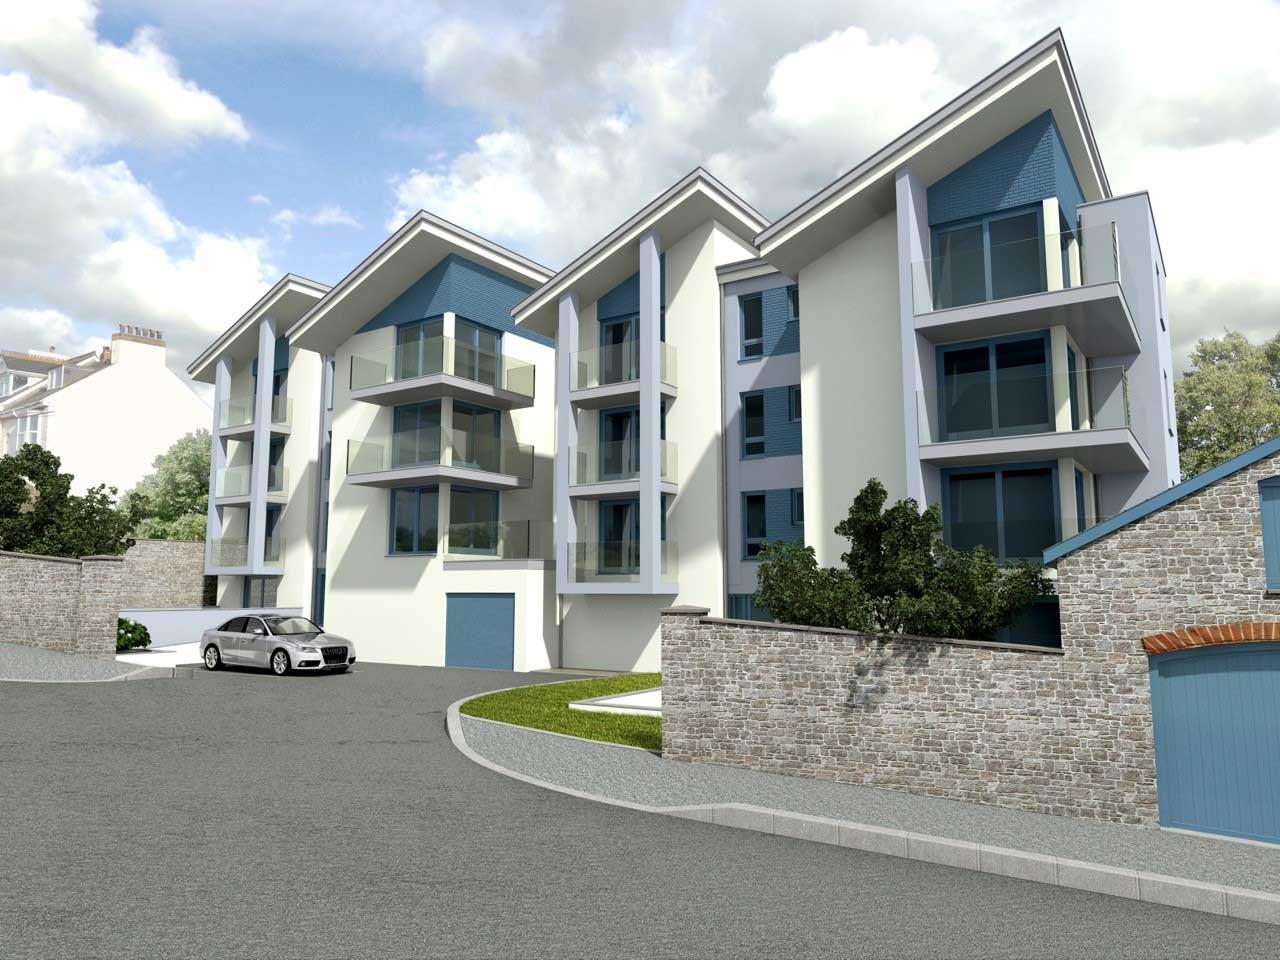 Luxury Apartment Development in North Devon